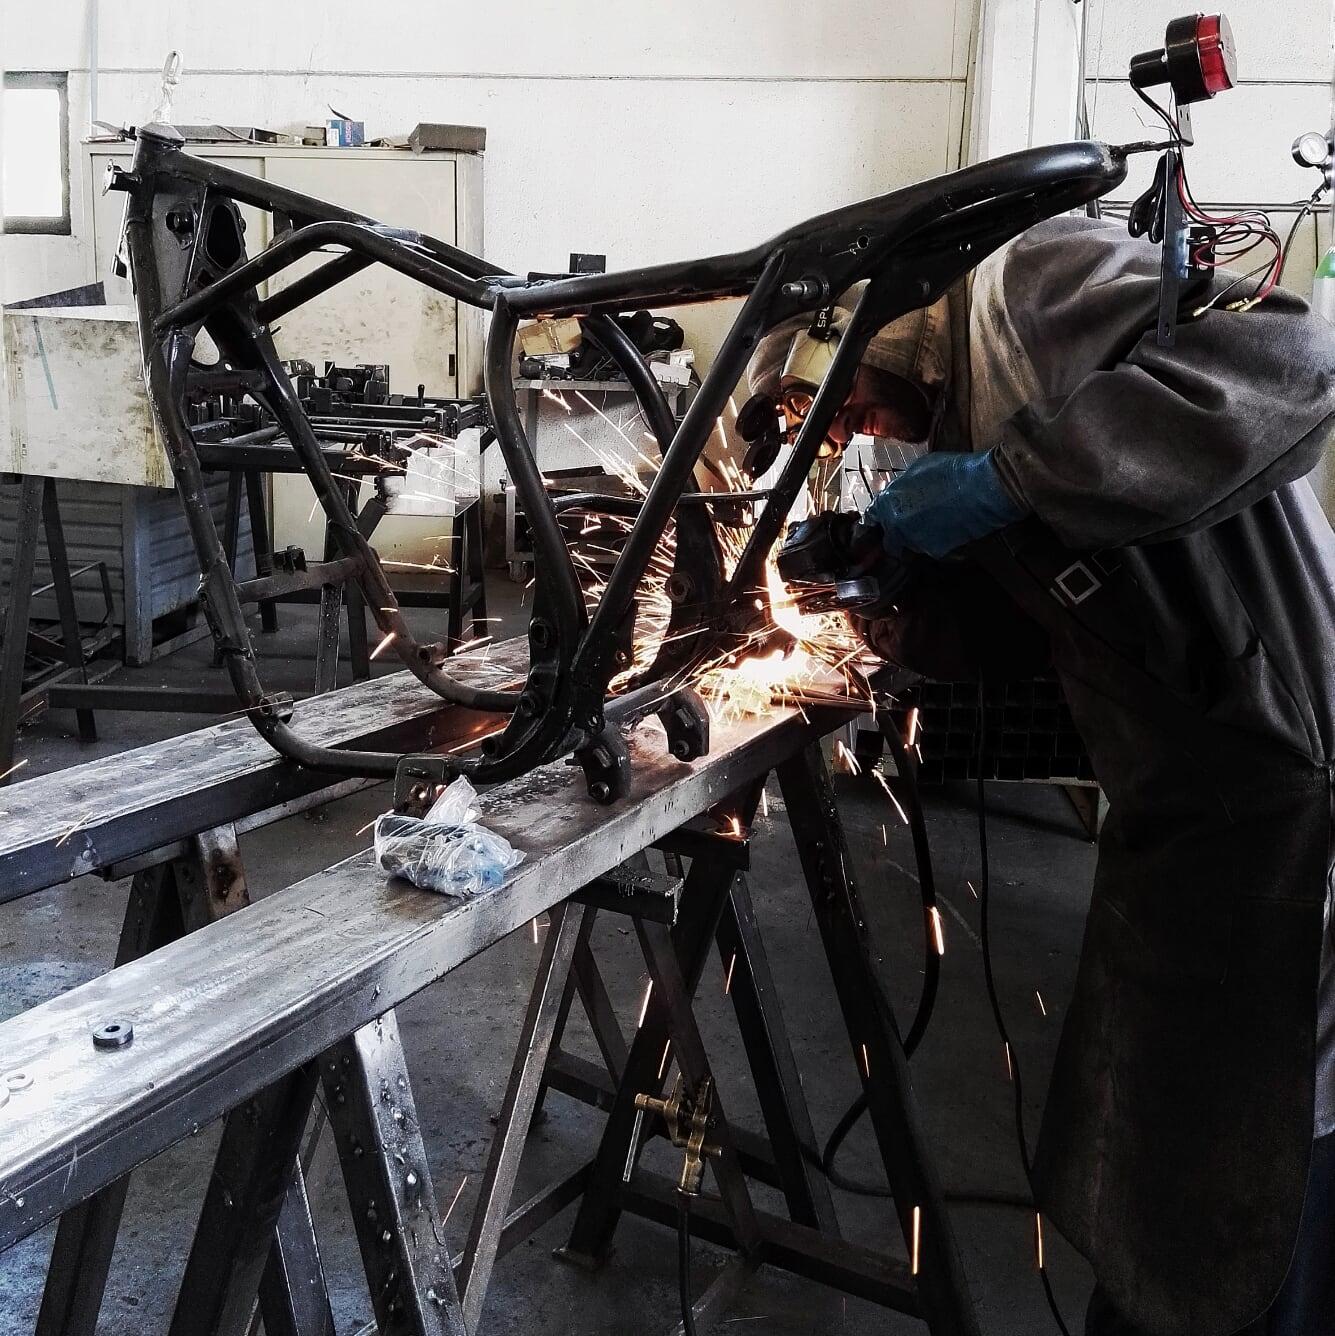 yamaha xj550. lavorazione al telaio in officina.